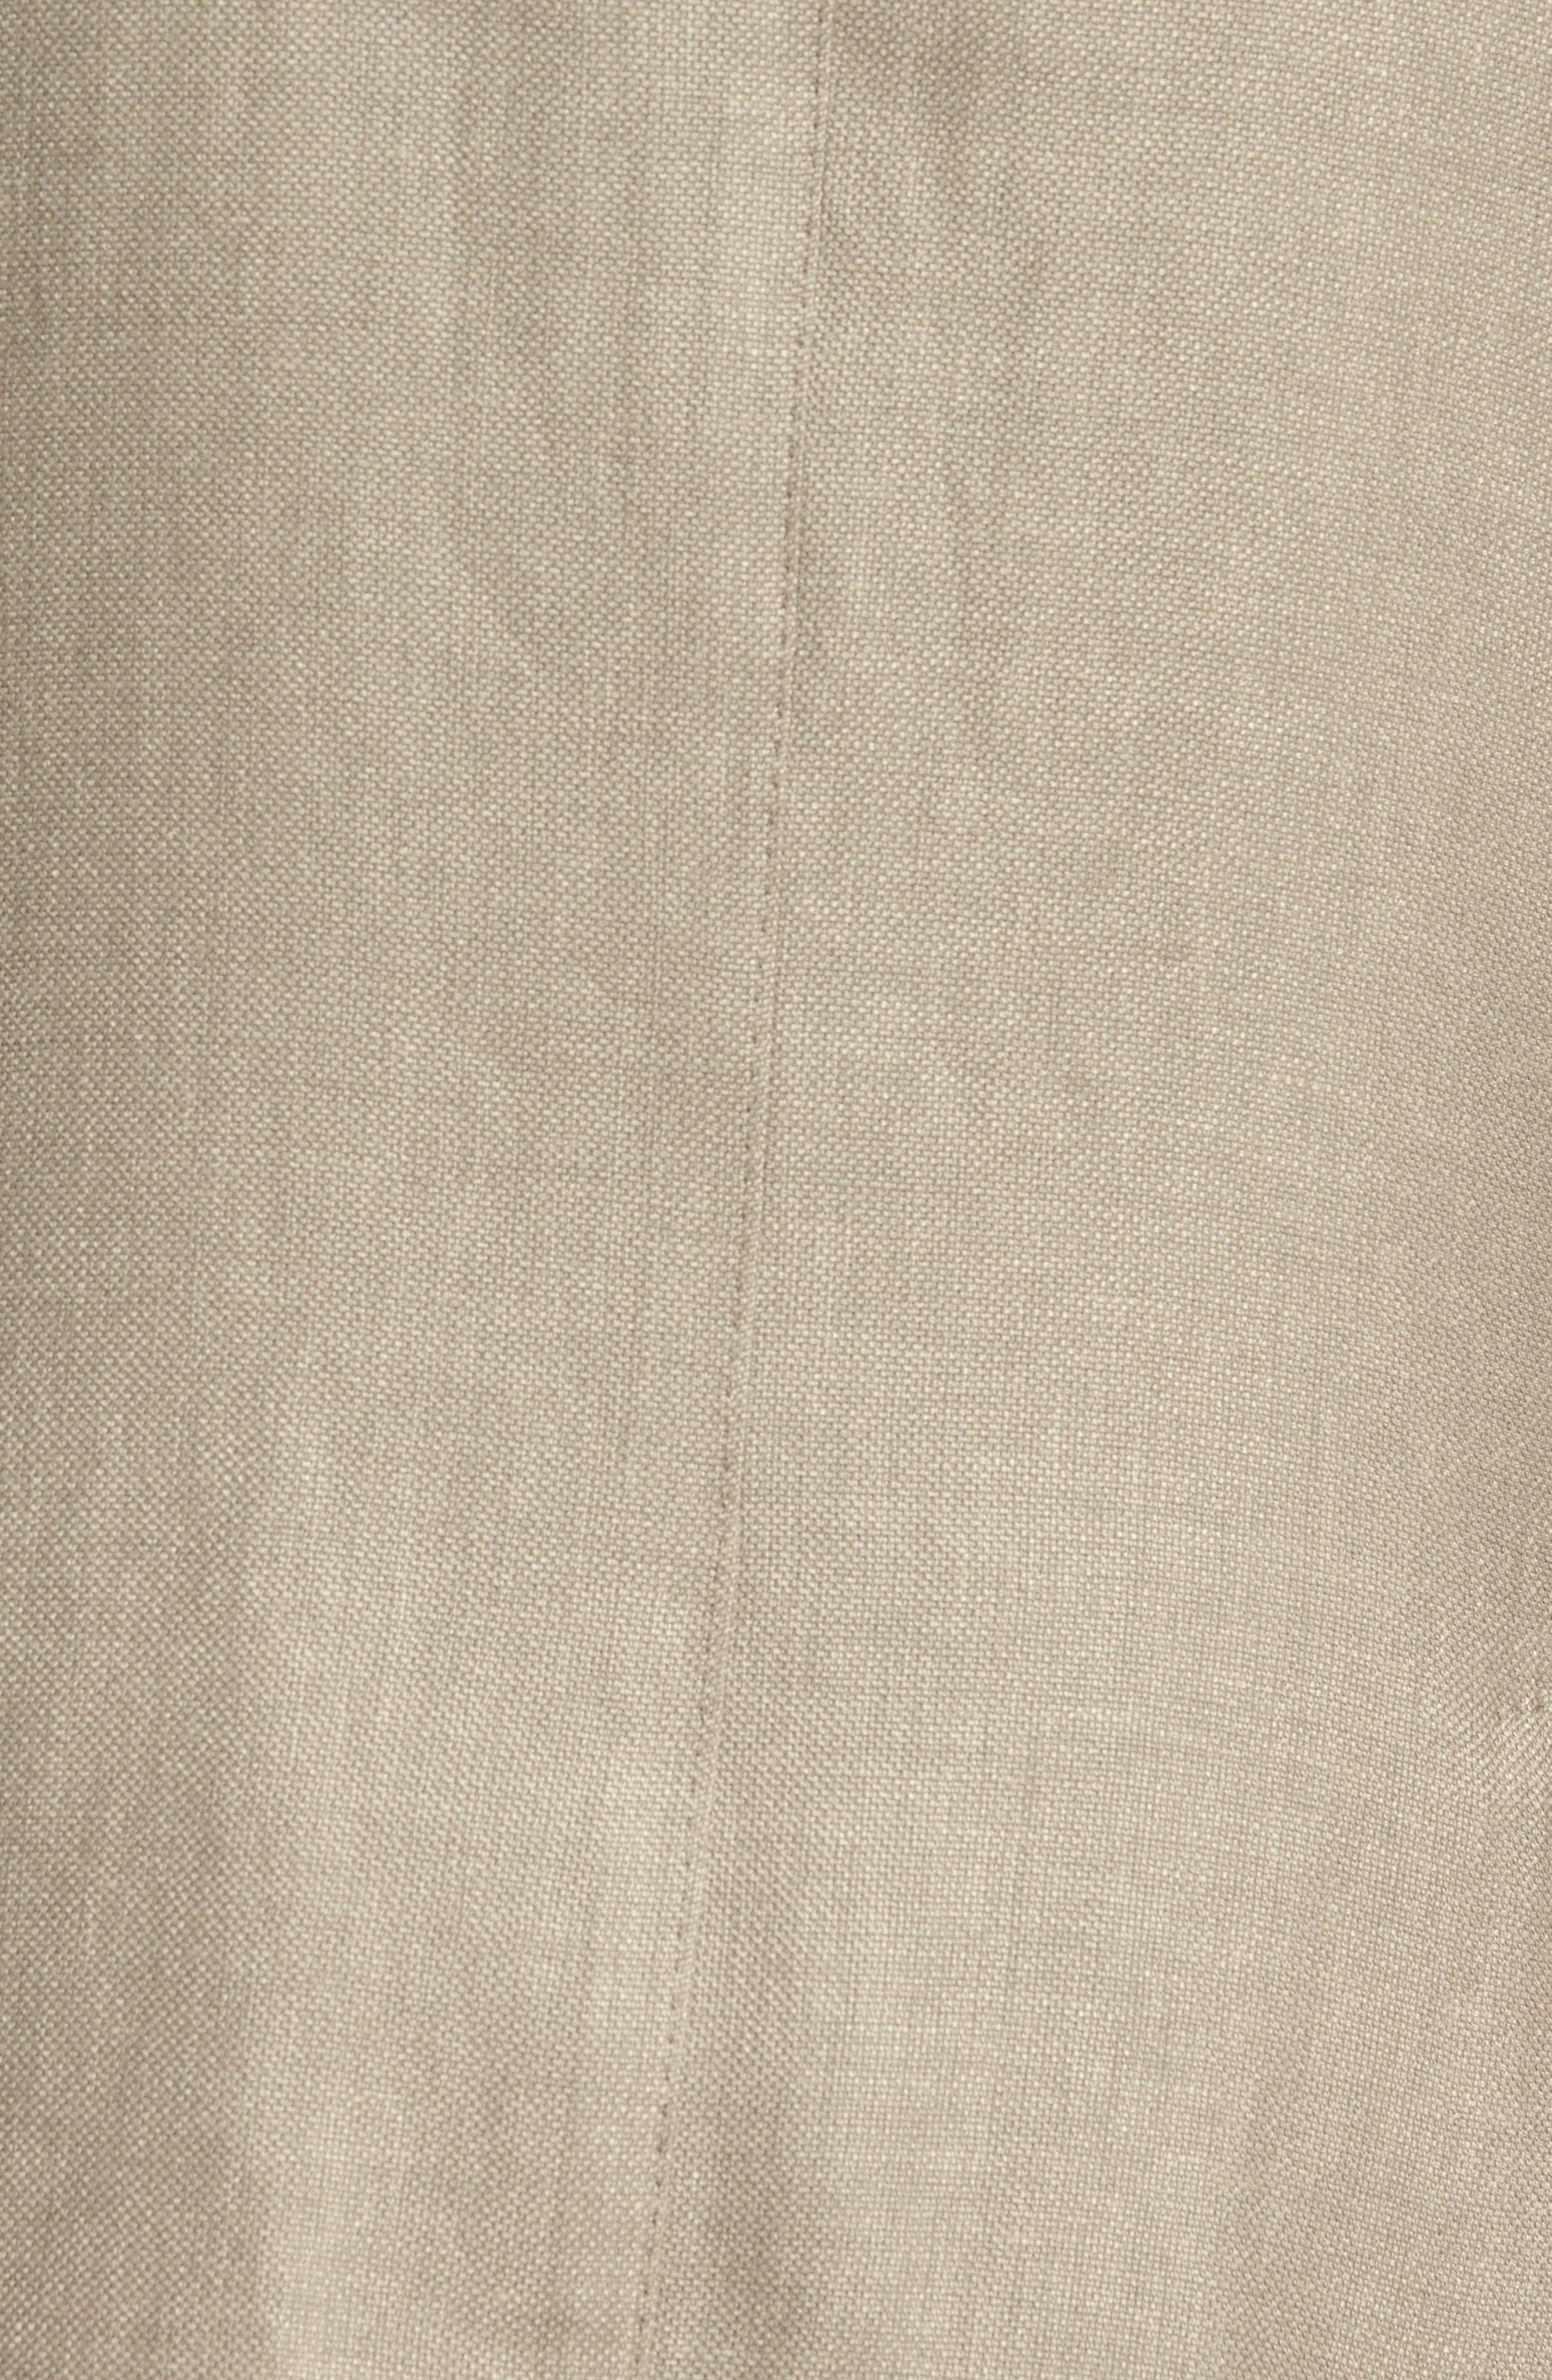 Hopsak Trim Fit Linen Blend Blazer,                             Alternate thumbnail 5, color,                             Taupe